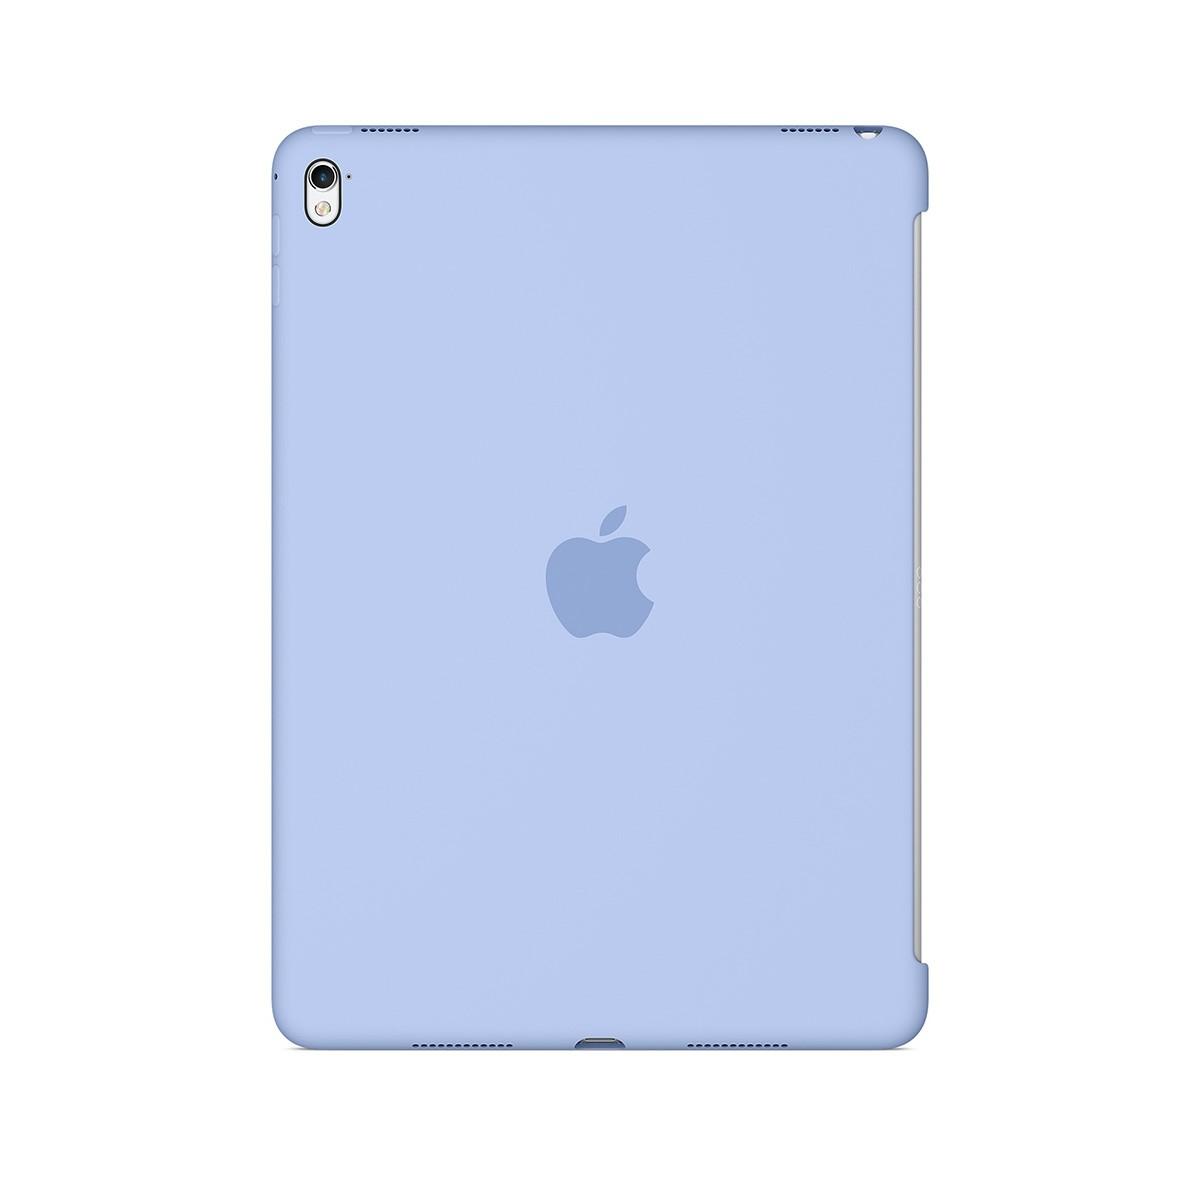 Apple silikonové pouzdro na 9,7palcový iPad Pro - šeříkově modré